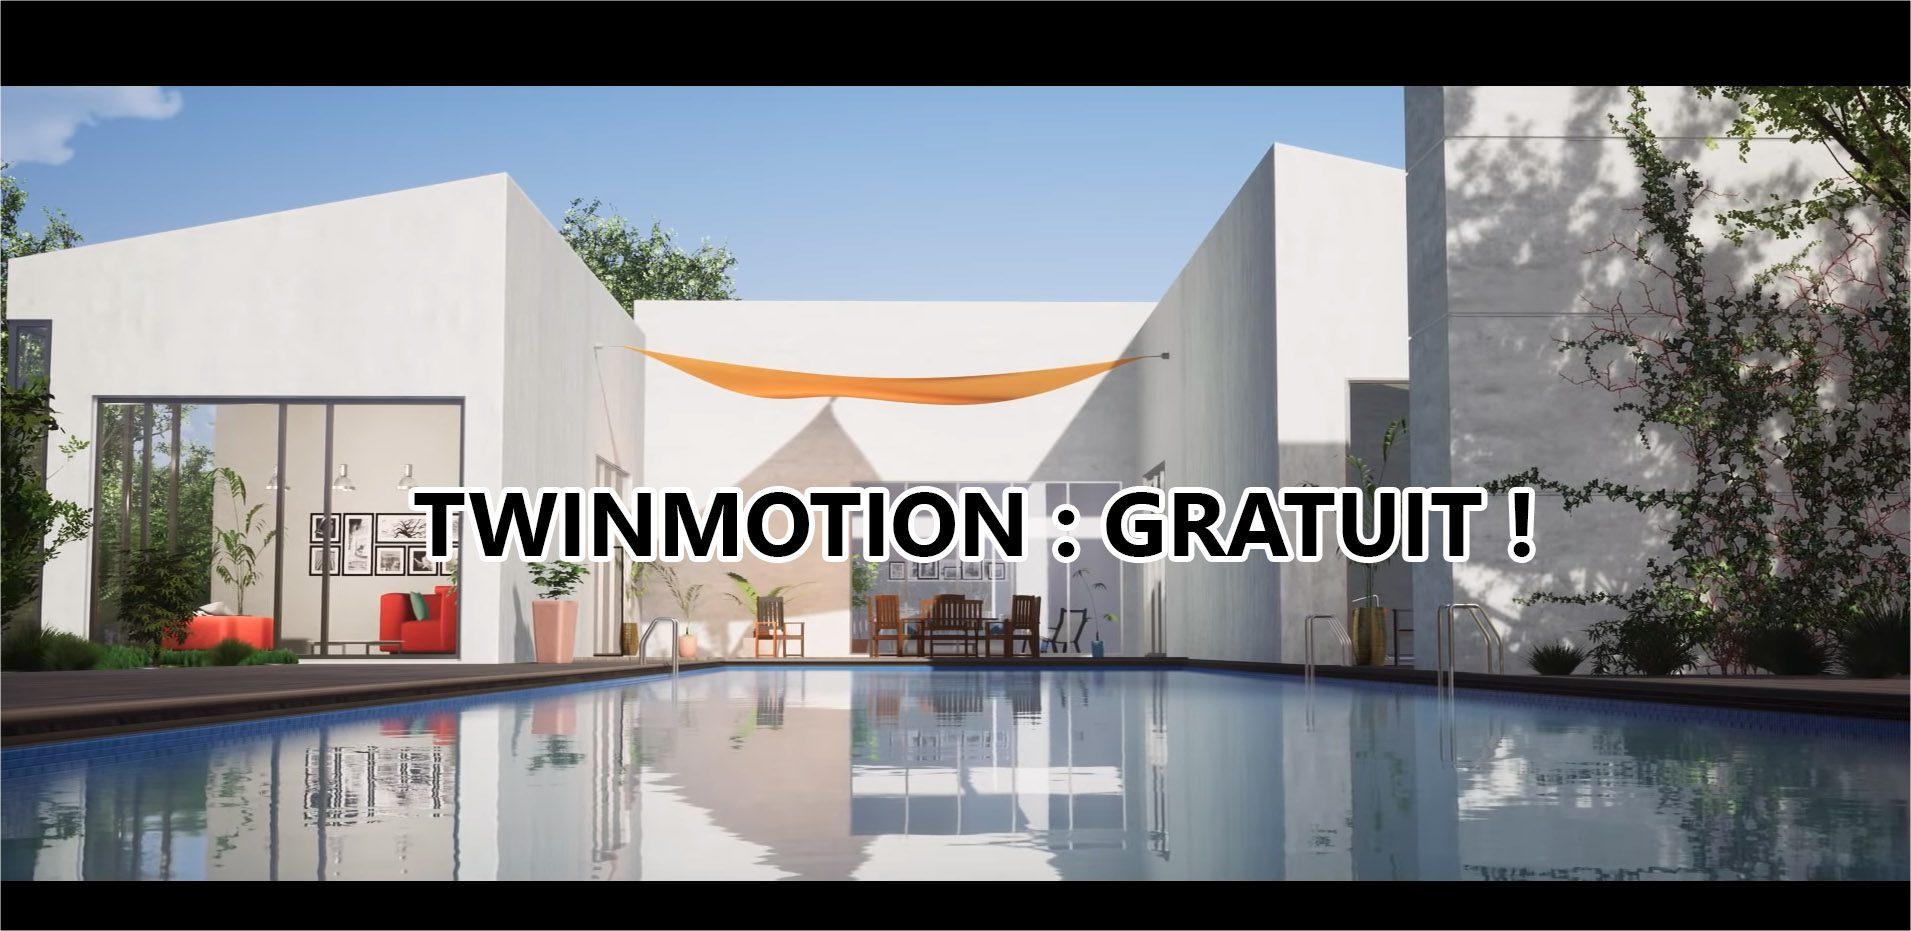 Twinmotion gratuit jusqu'en Novembre : Profitez-en !